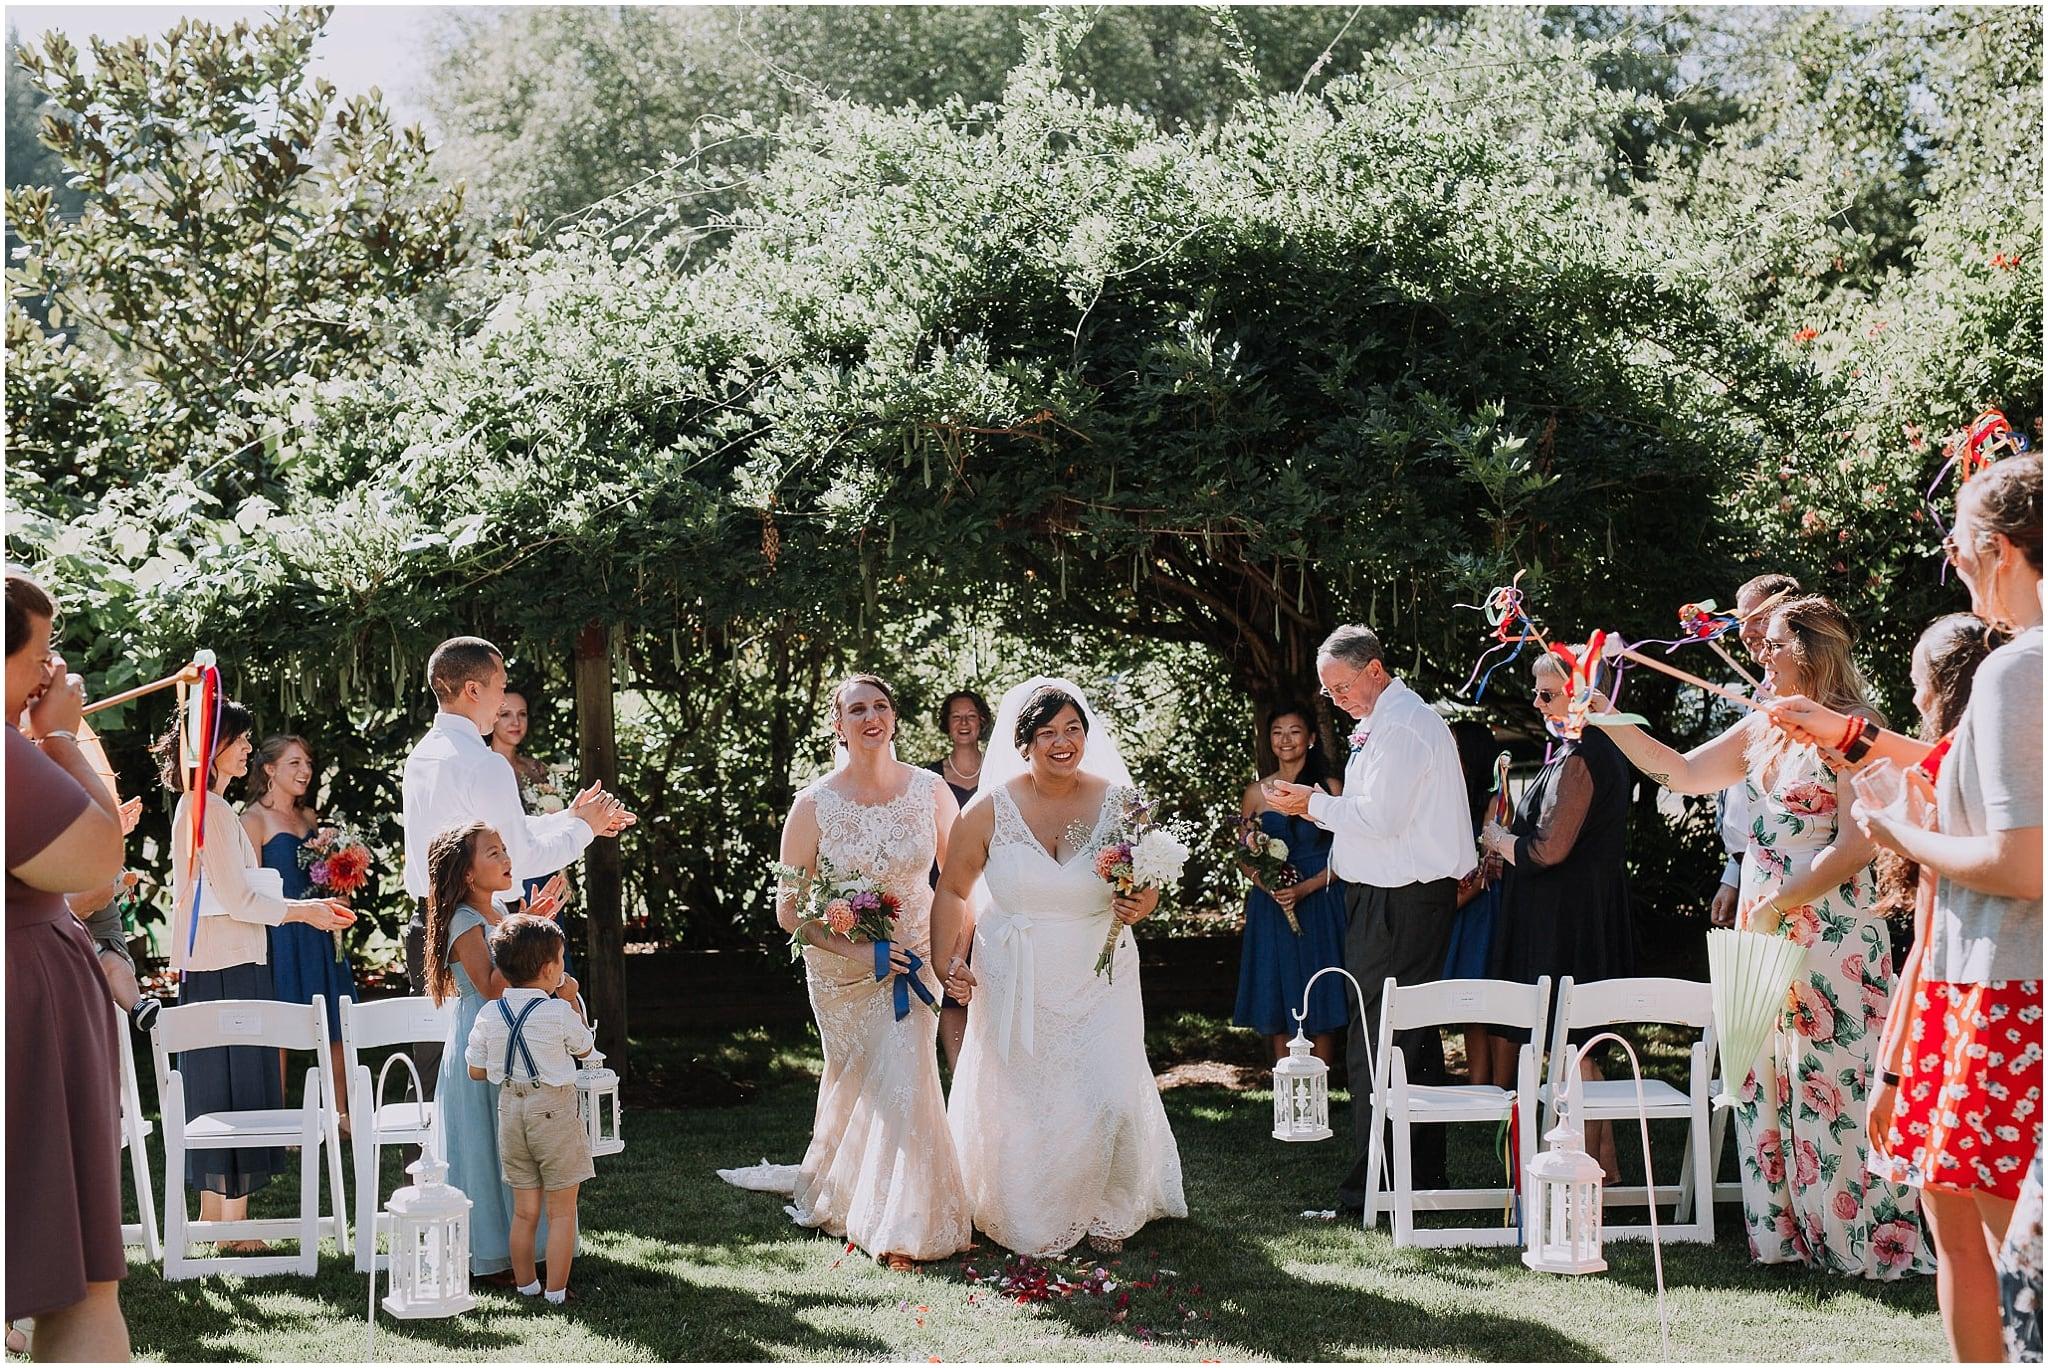 albees garden, LGBT, wedding, olympia, kim butler